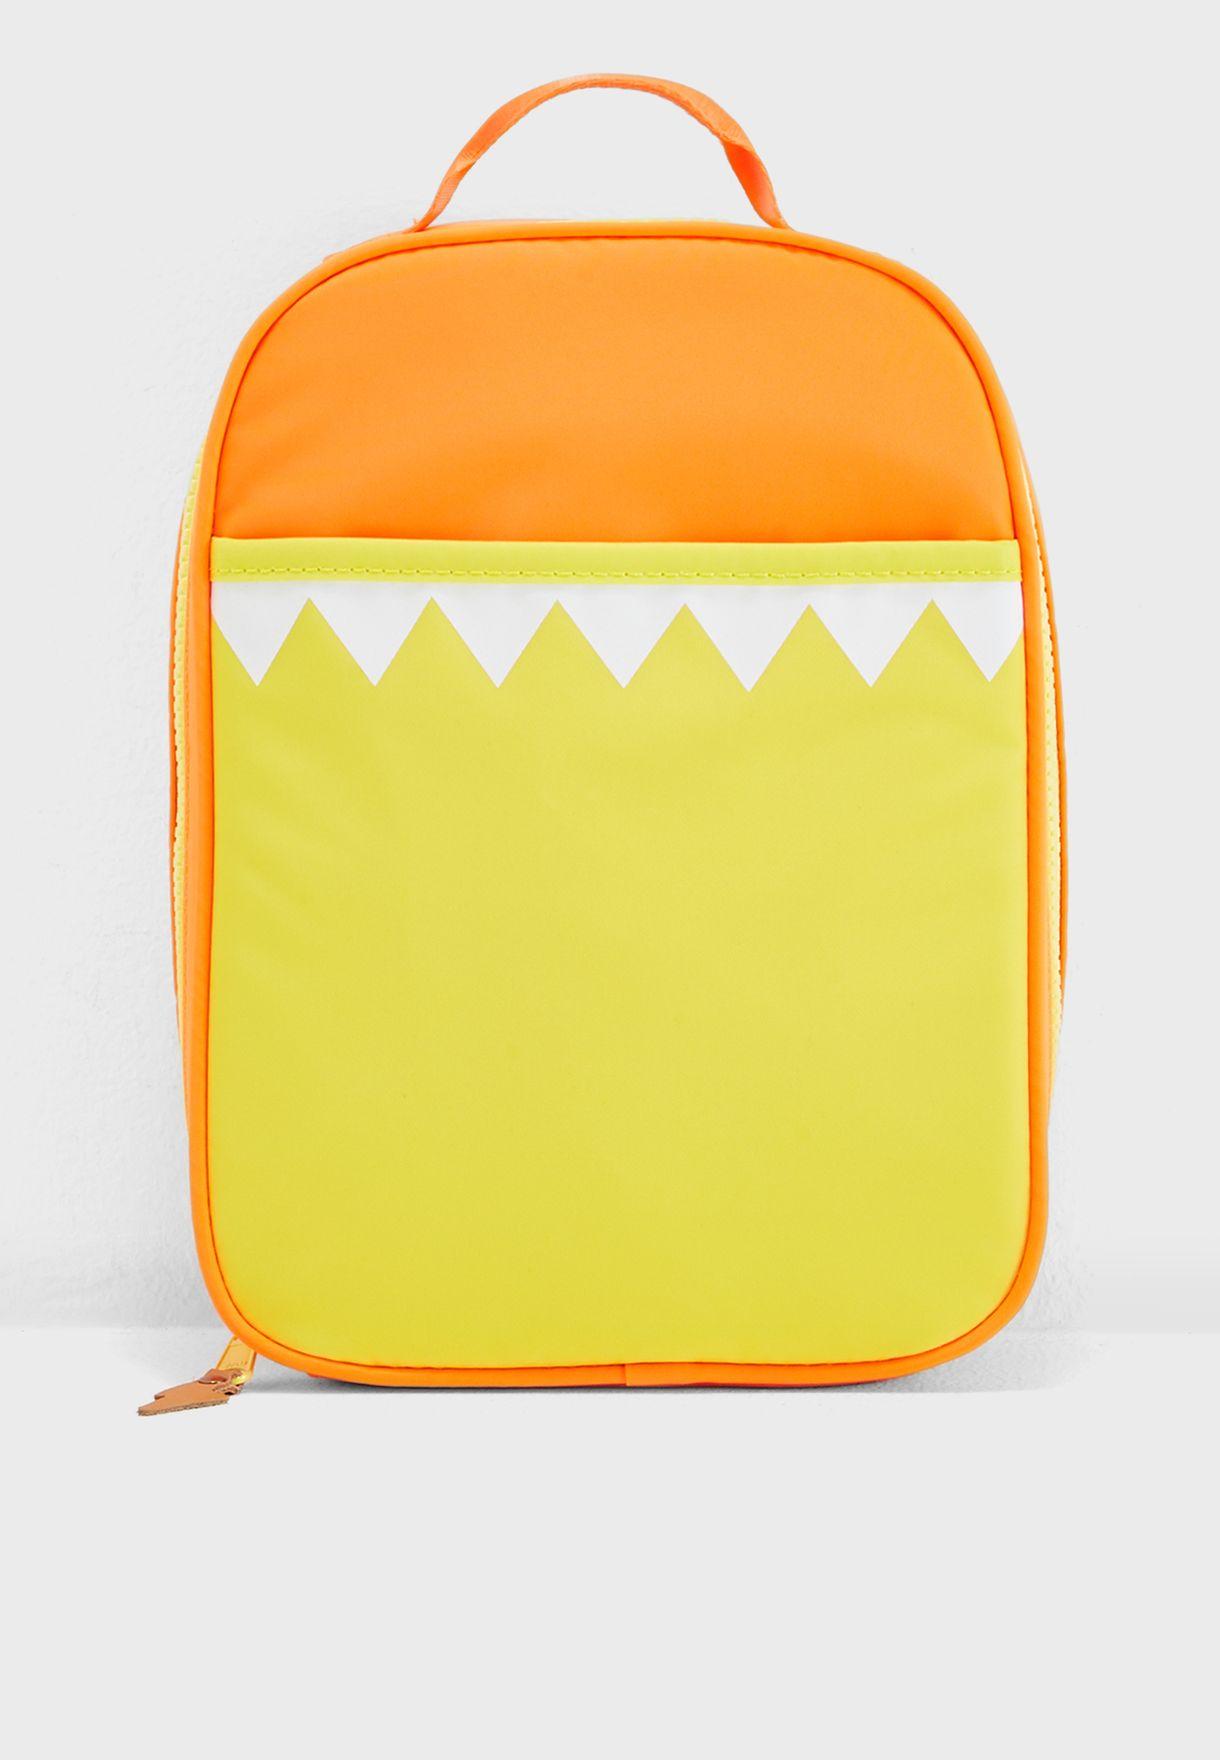 Kids Monster Lunch Bag